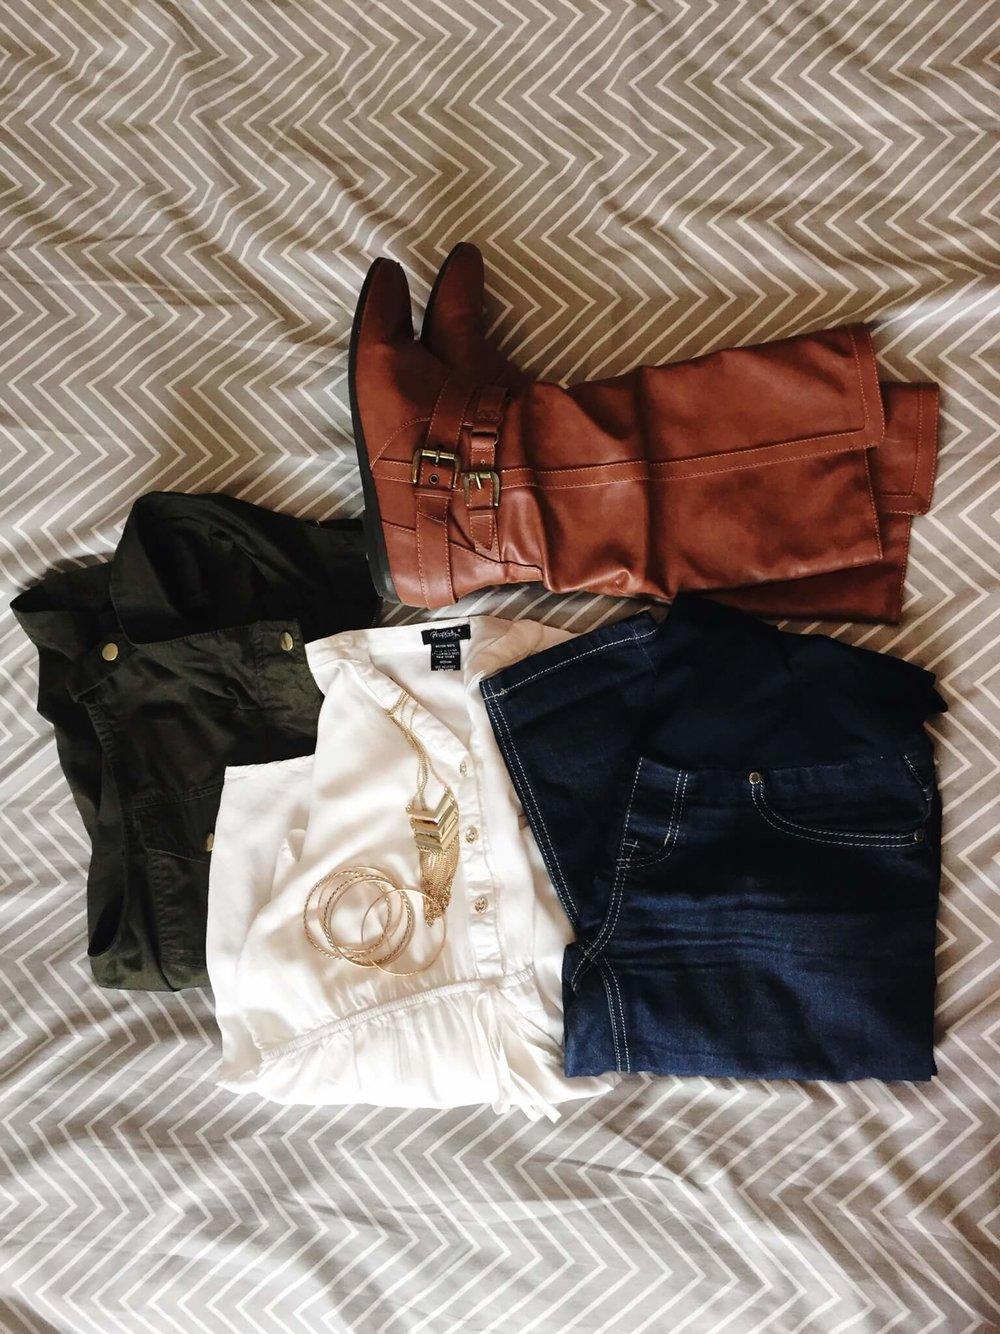 Blouse + Utility Vest + Jeans + Boots